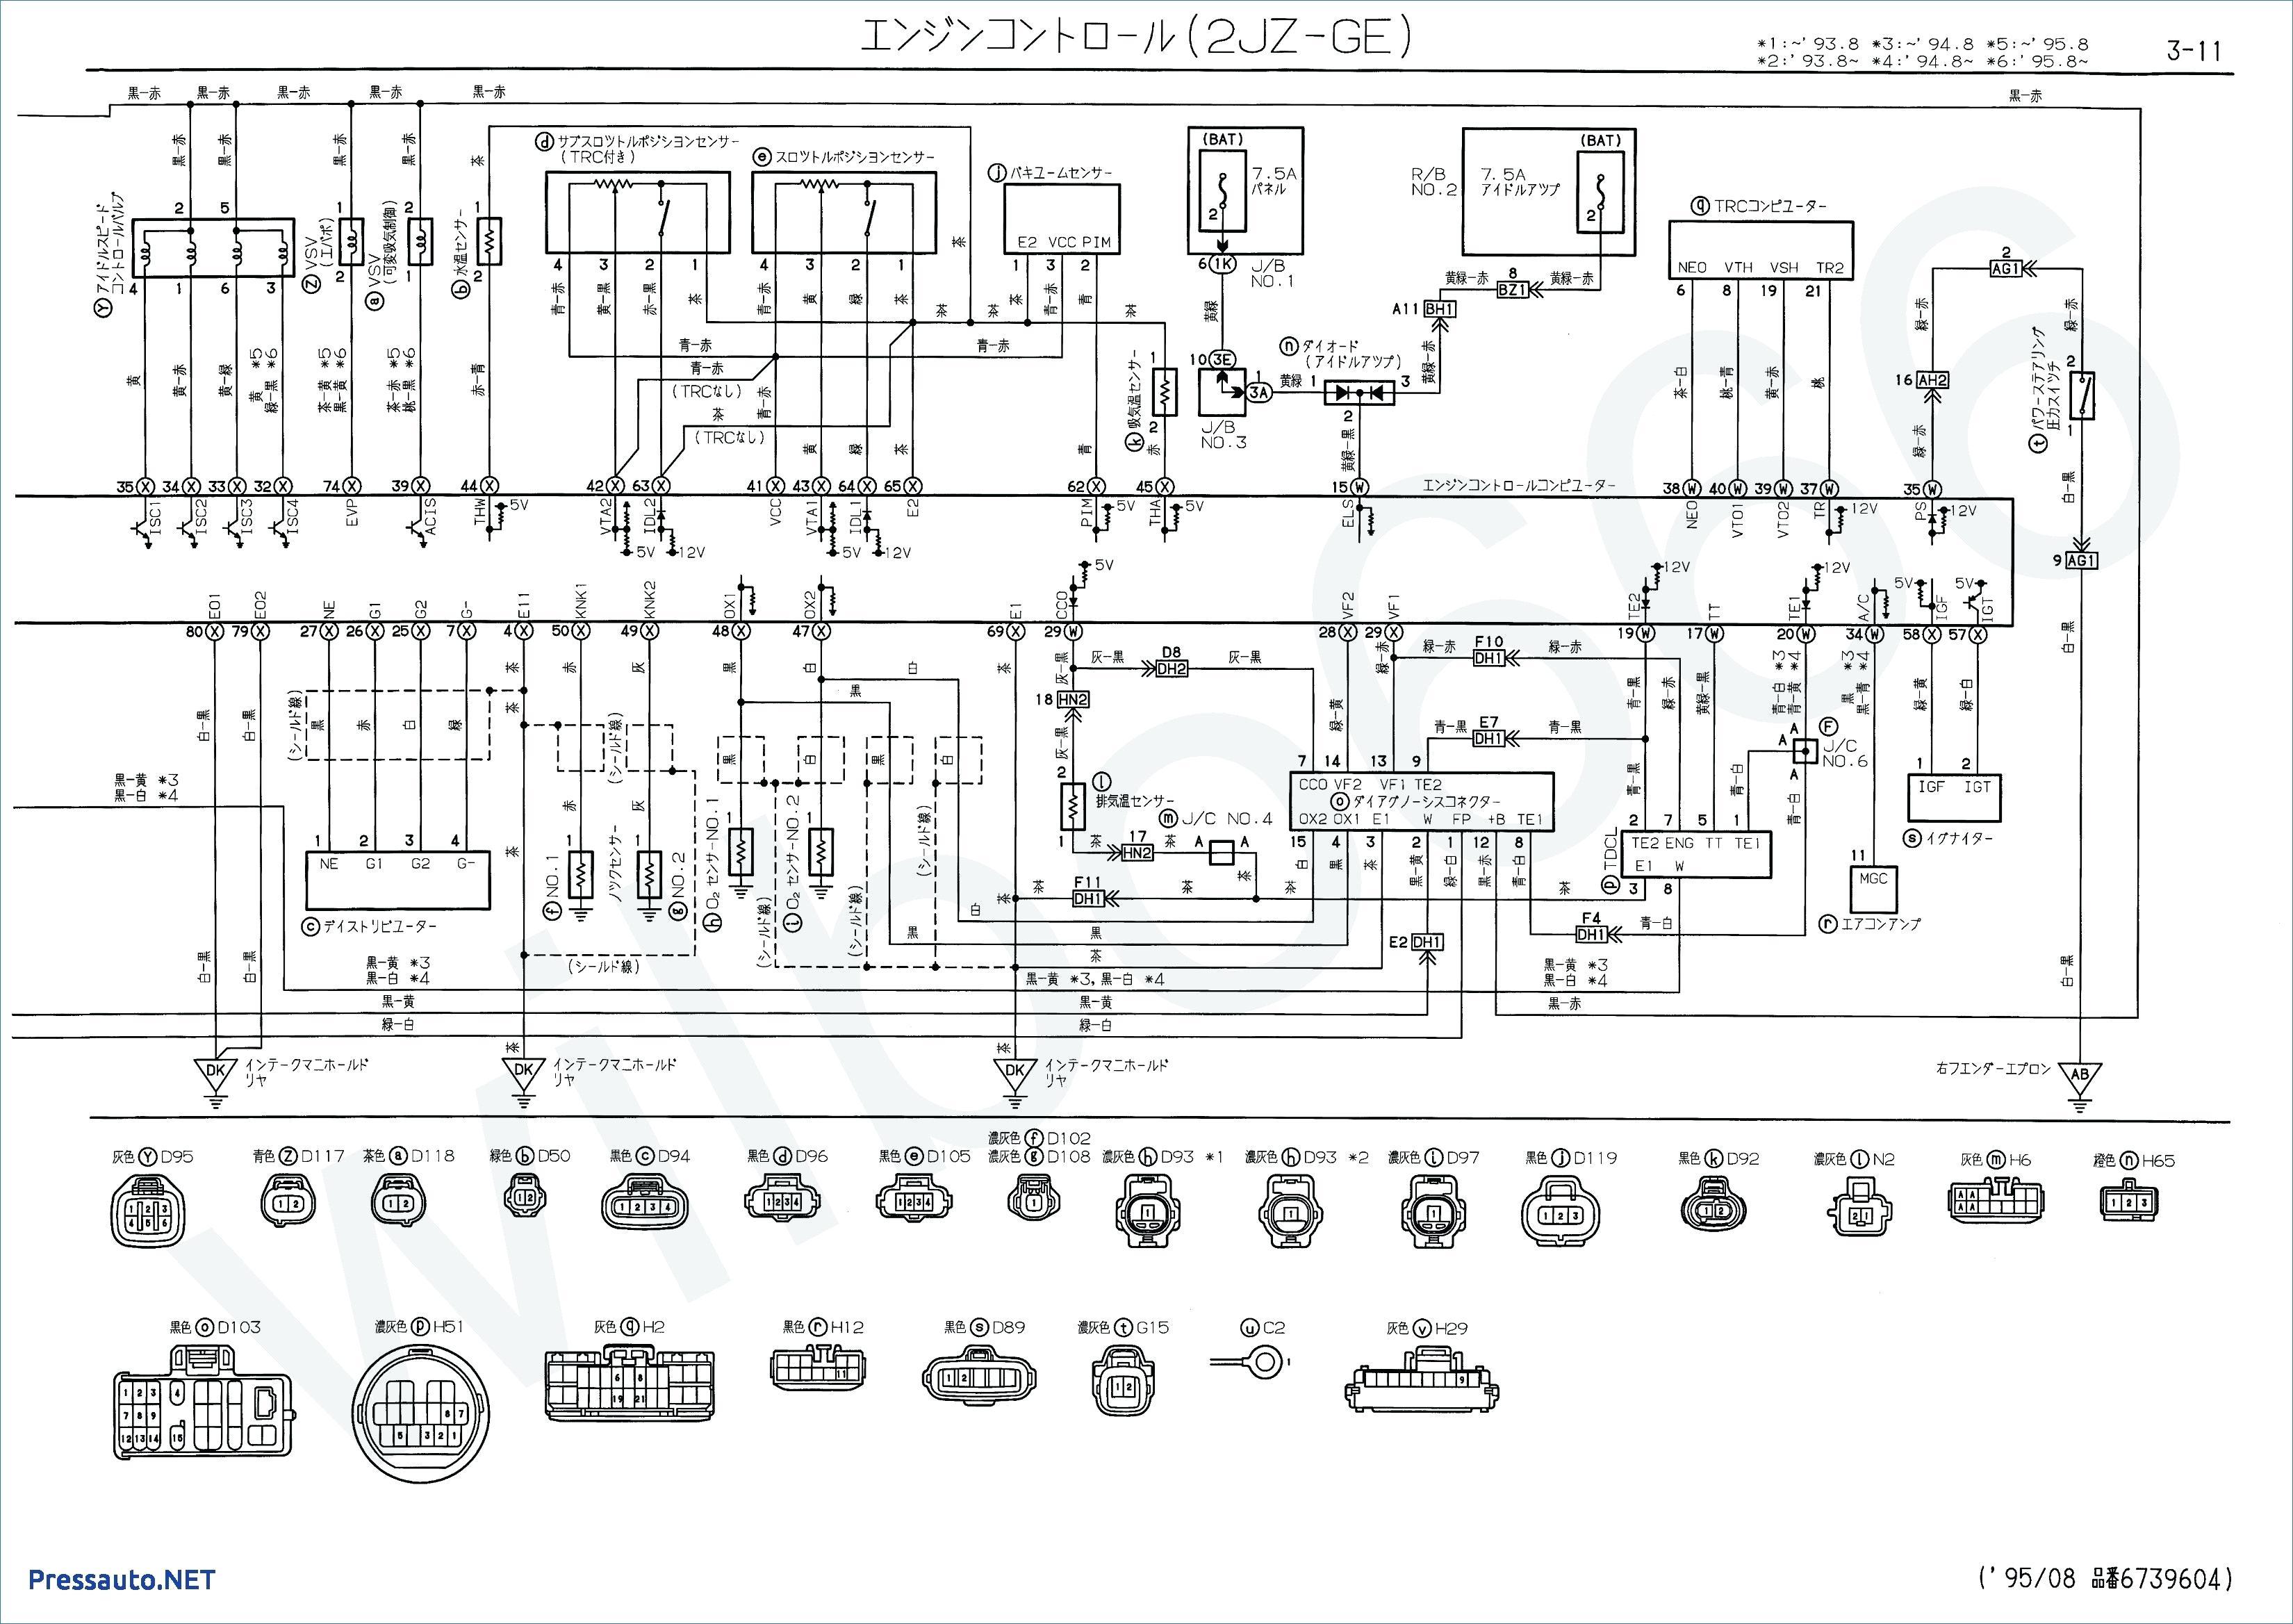 Wiring Diagram For Ge Dishwasher - 02 Civic Wiring Diagram -  2005ram.yenpancane.jeanjaures37.fr | Ge Profile Arctica Wiring Diagram |  | Wiring Diagram Resource